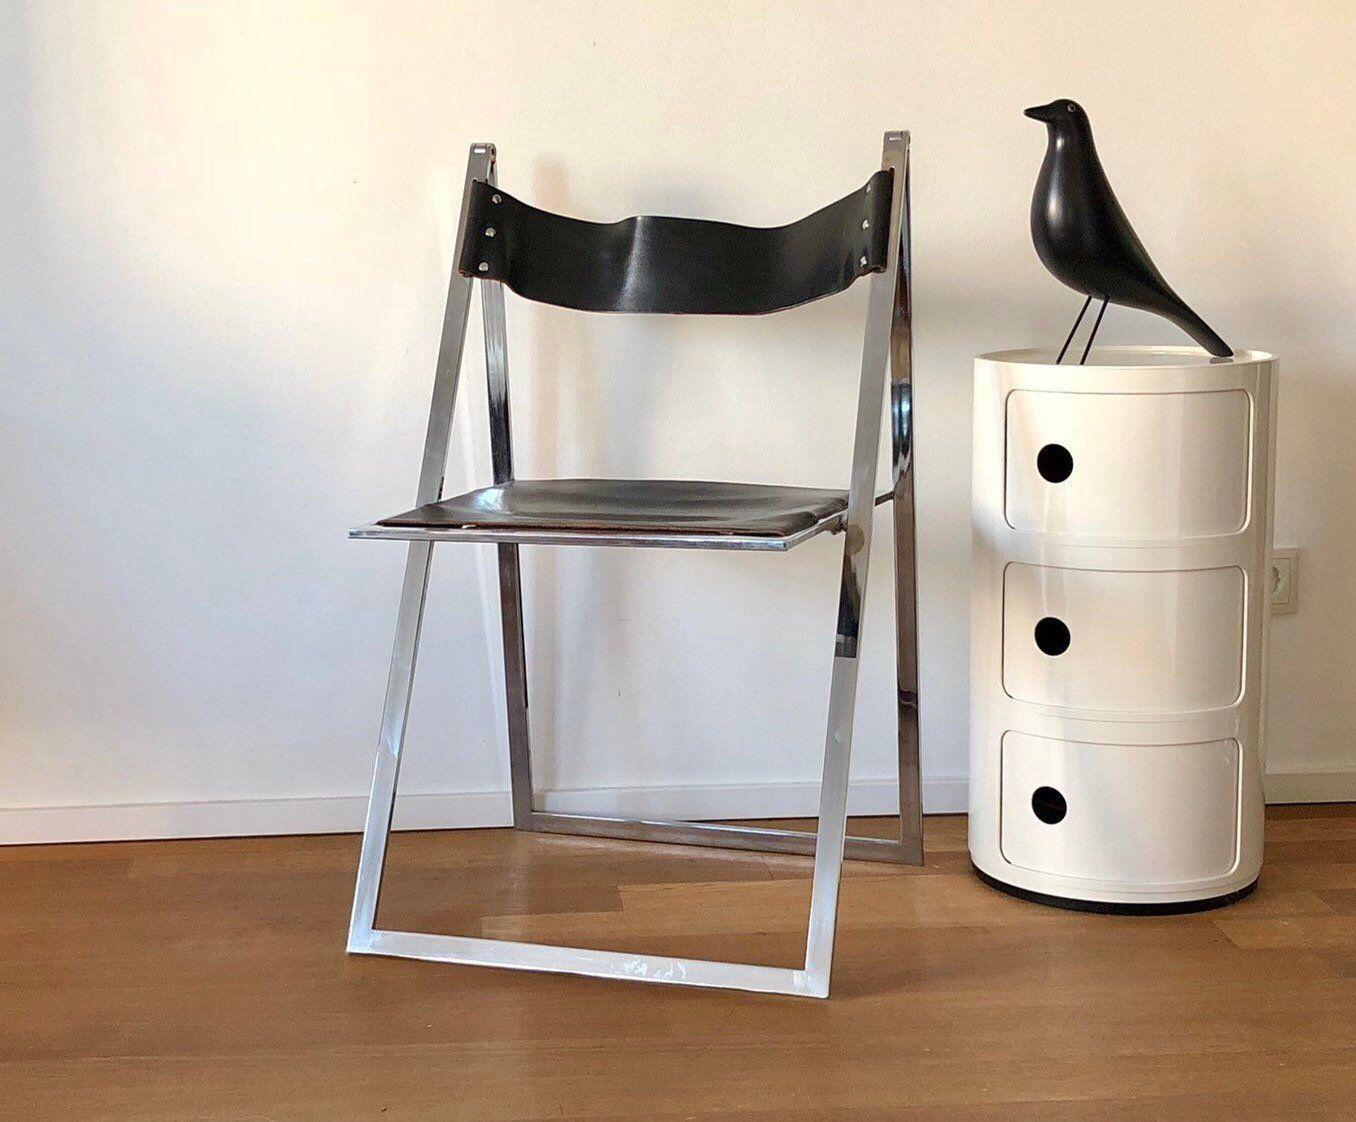 Freue mich, euch diesen Artikel aus meinem Shop bei #etsy vorzustellen: 70er Jahre Stuhl zum Klappen von Interlübke aus Chrom und Leder (ohne Dekoration).  #möbel #klappstuhl #chromstühl #stapelstuhl  #innendekoration #vintage #moebelglueck #vintageklappstuhl #retrostuhl #designklappstuhl #schönerwohnen #designstuhl #urbanrefinds  #designchairs #chromklappstuhle #retroklappstuhl #vintageklappstuhle #retroklappstuhle #foldingchairs #midcenturychairs